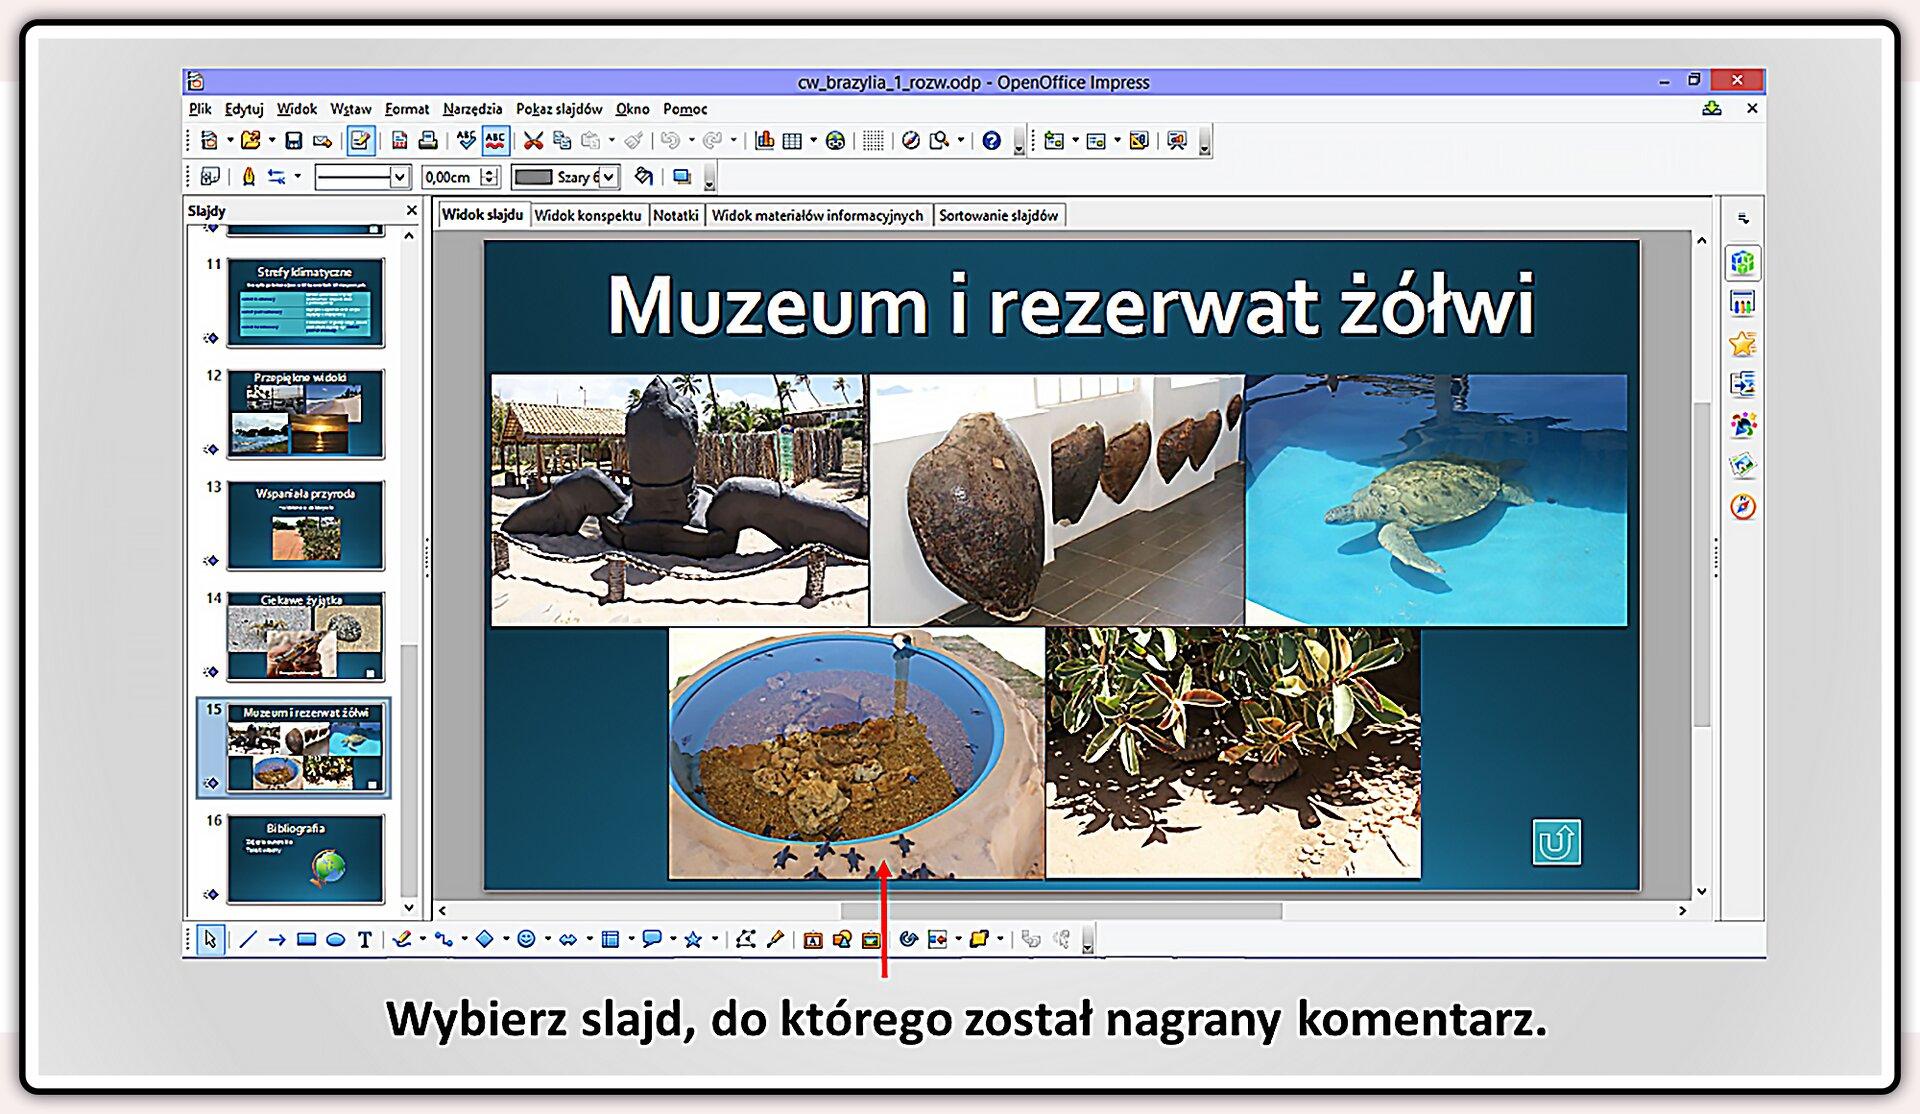 Slajd 3 galerii slajdów pokazu: Nagrywanie komentarza do prezentacji wprogramie LibreOffice Impress